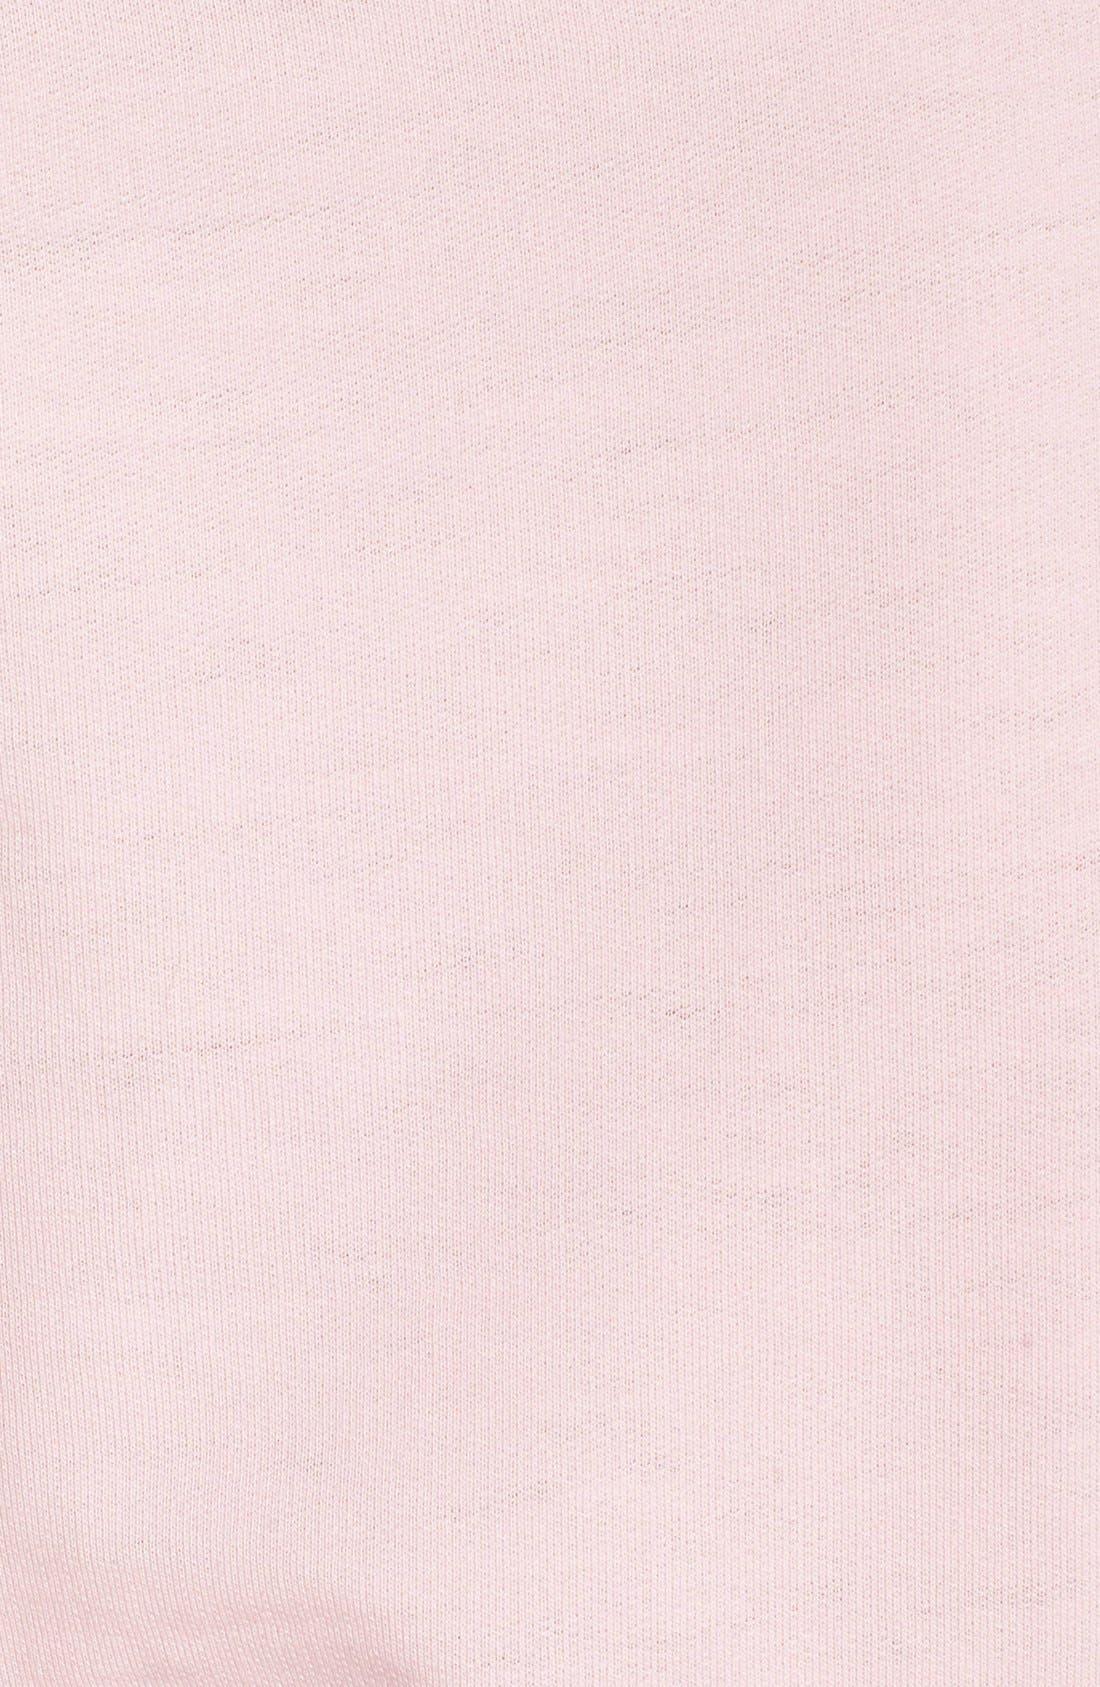 Burnout Lounge Sweatshirt,                             Alternate thumbnail 123, color,